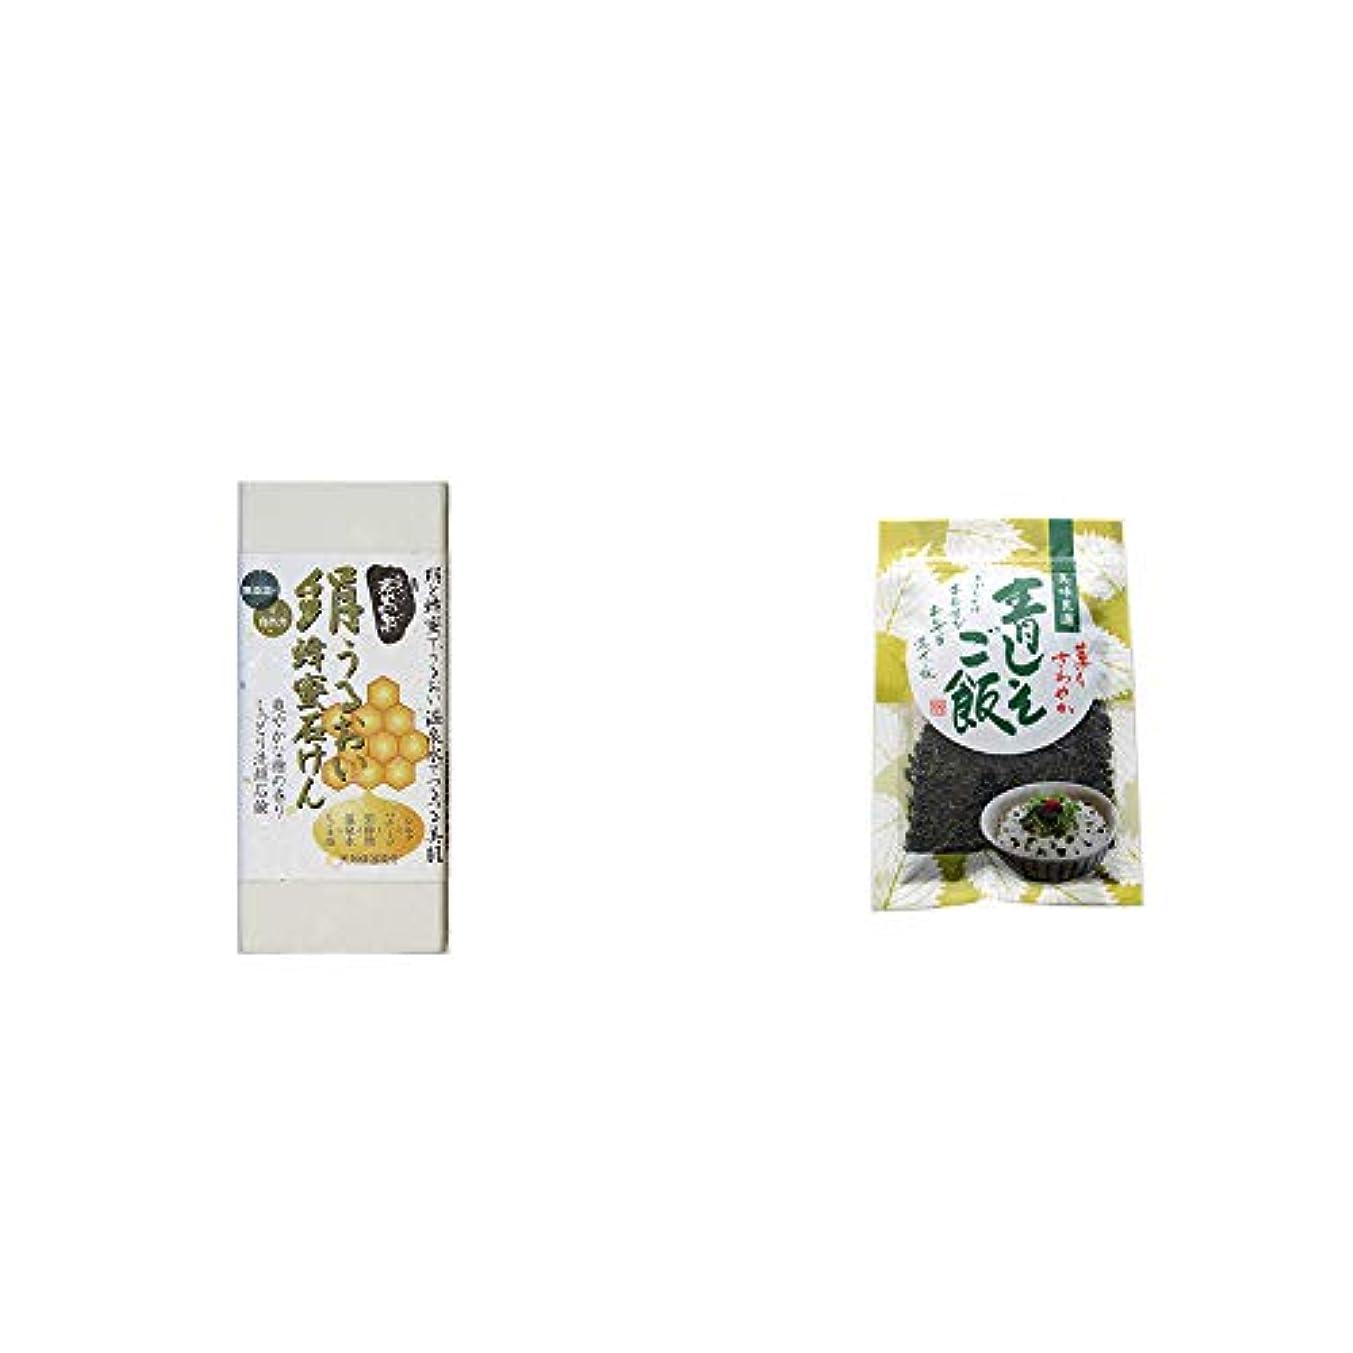 ボート中央値ボルト[2点セット] ひのき炭黒泉 絹うるおい蜂蜜石けん(75g×2)?薫りさわやか 青しそご飯(80g)